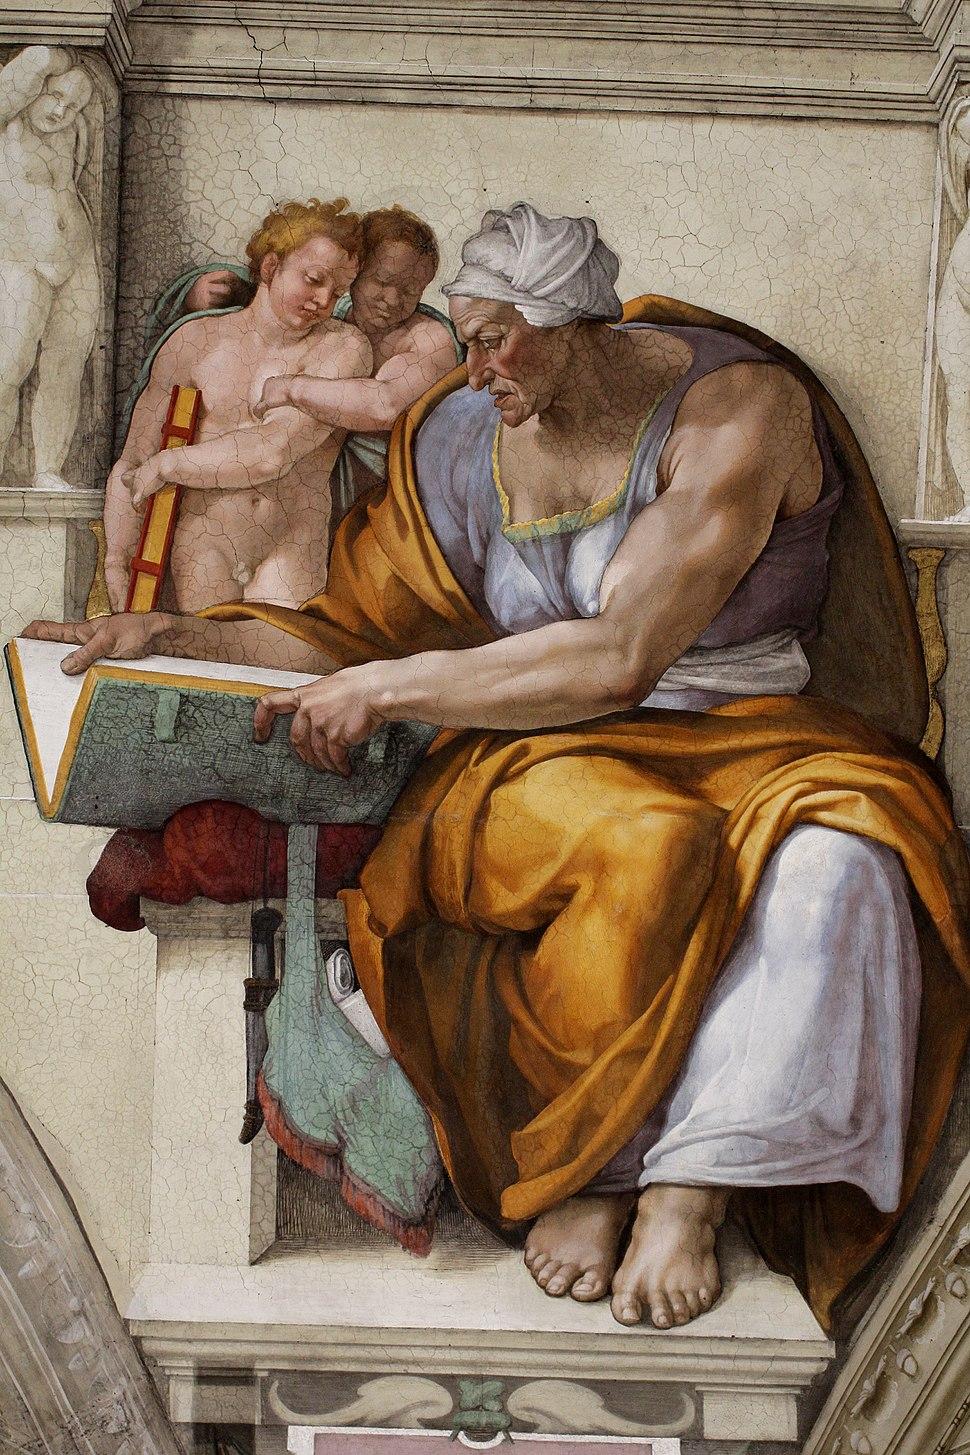 'Cumaean Sibyl Sistine Chapel ceiling' by Michelangelo JBU35